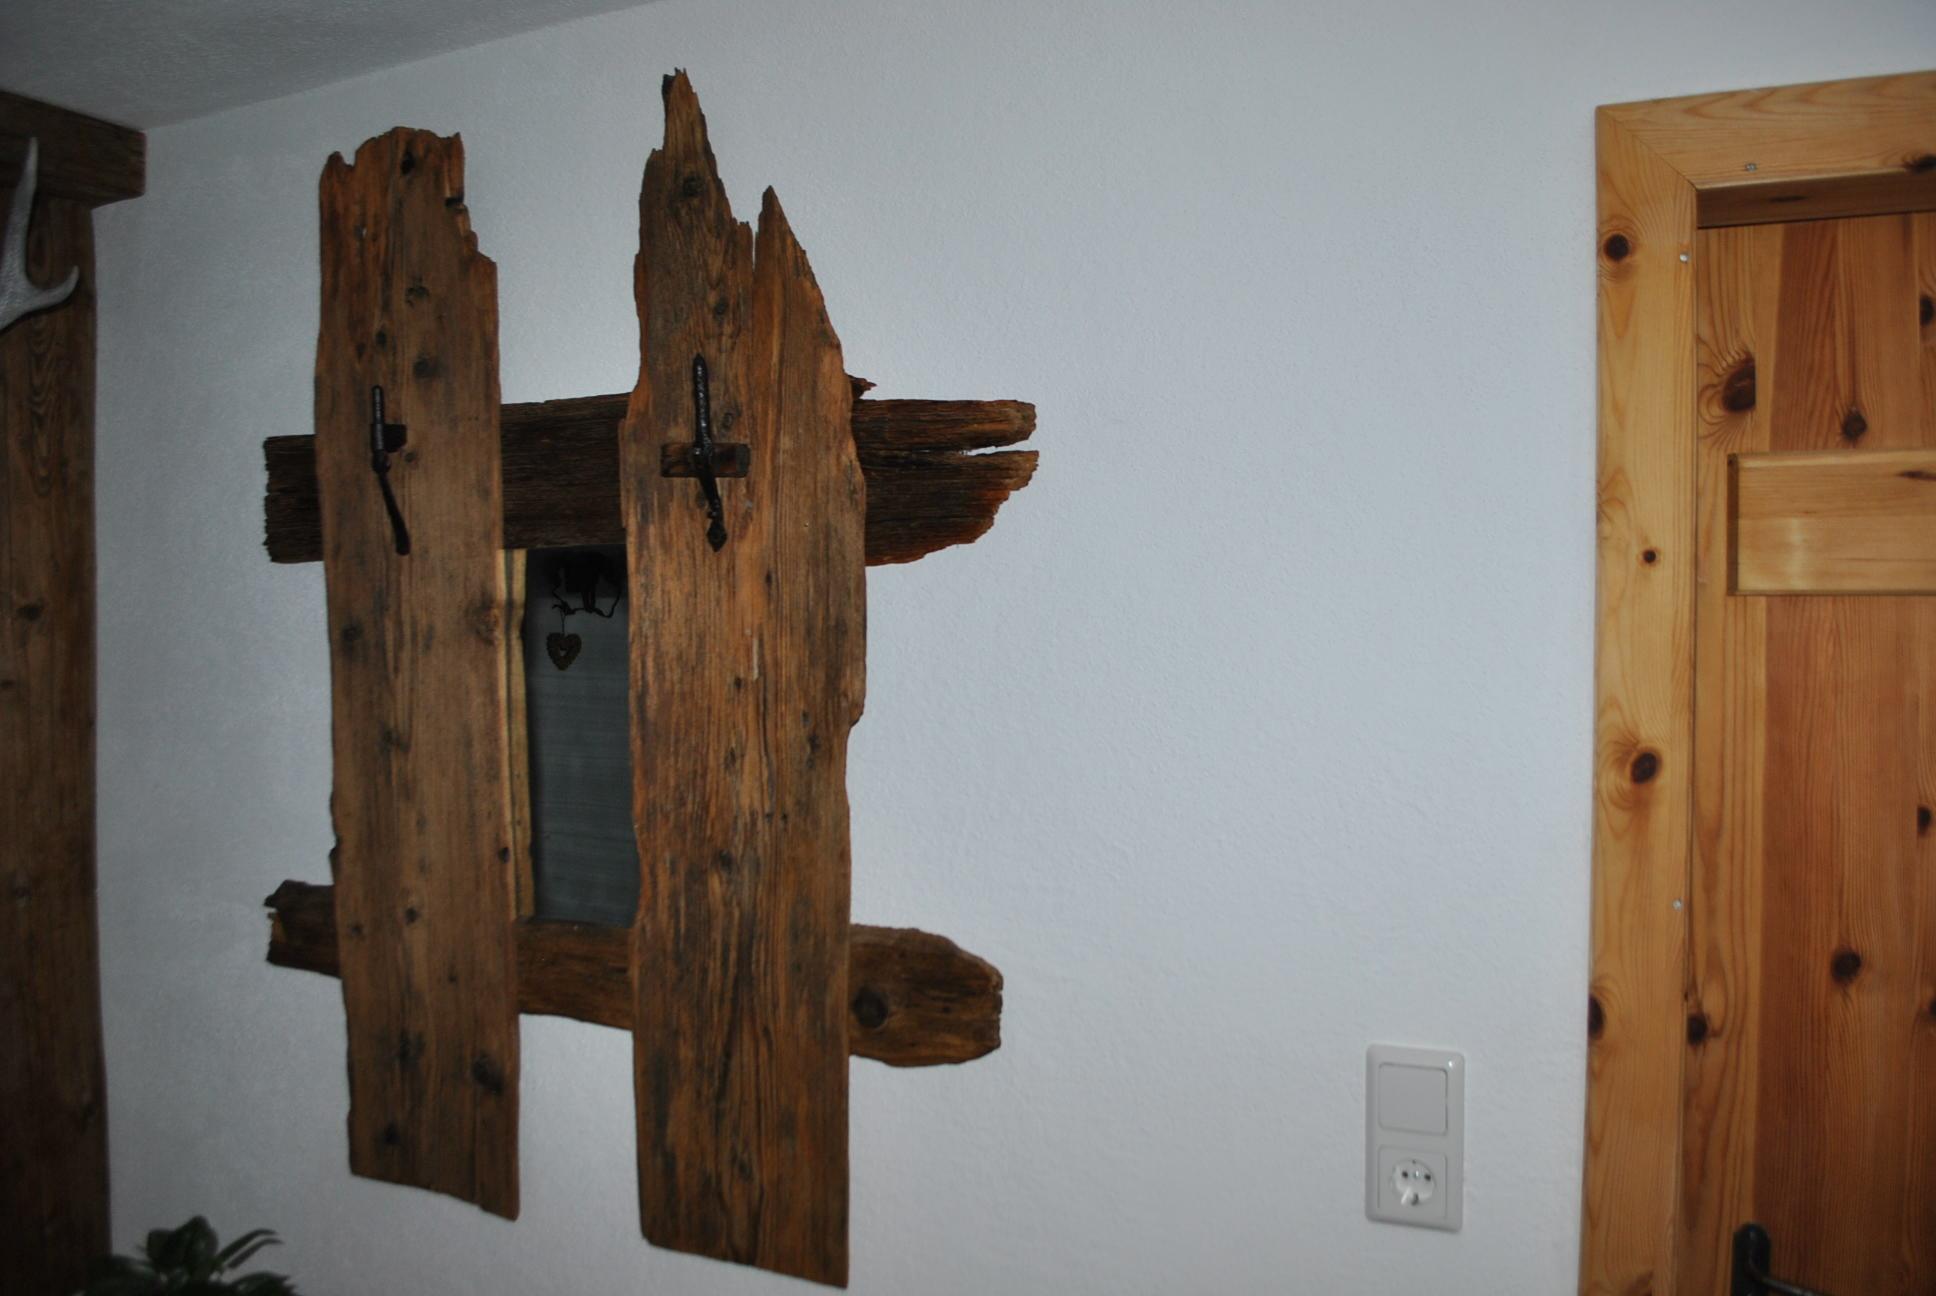 Möbel aus Holz – Kunsthandwerk Georg Penz